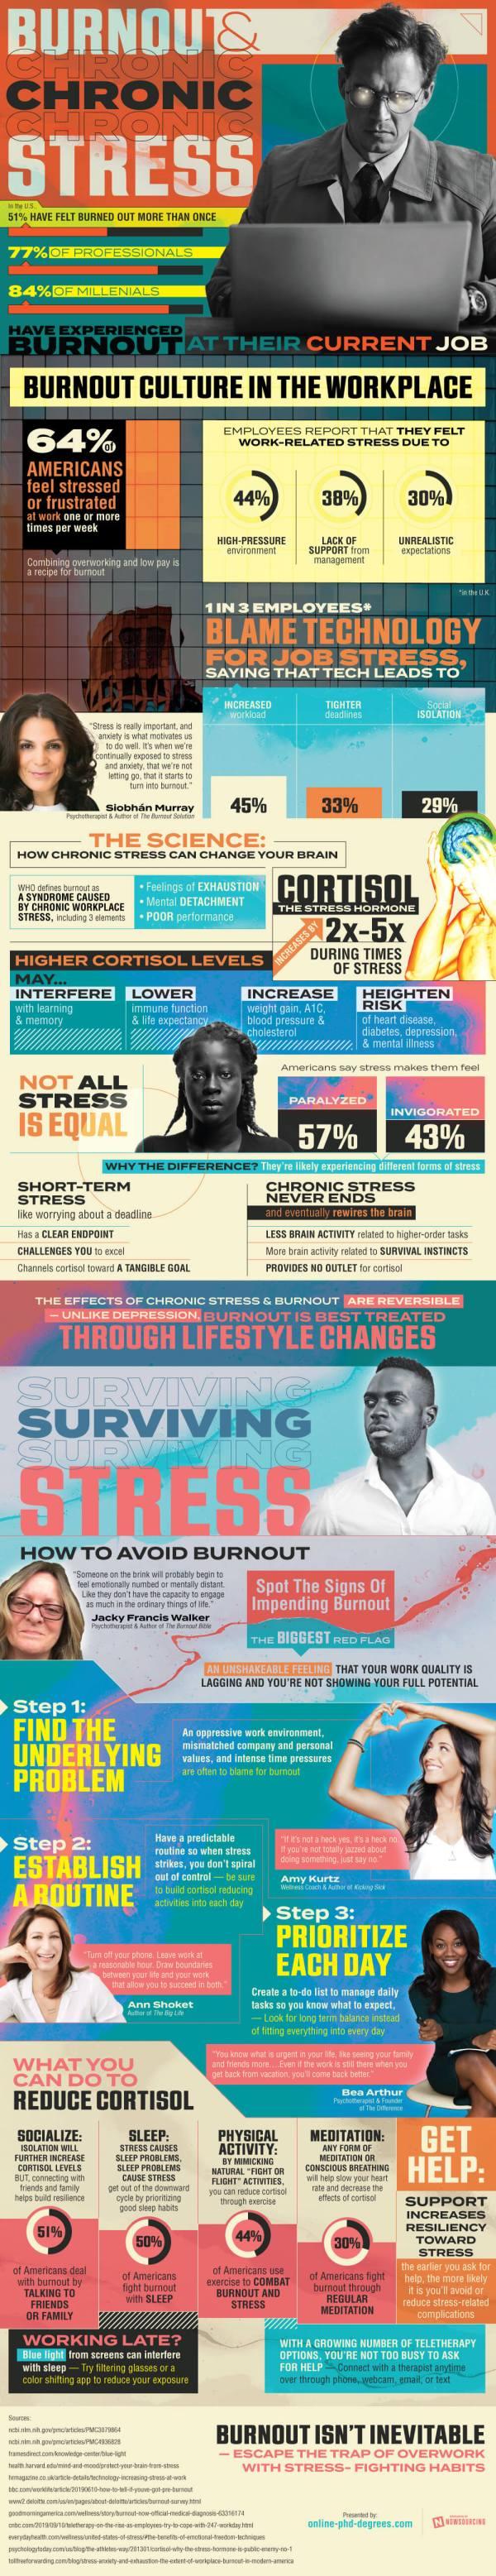 Burnout et stress toxique